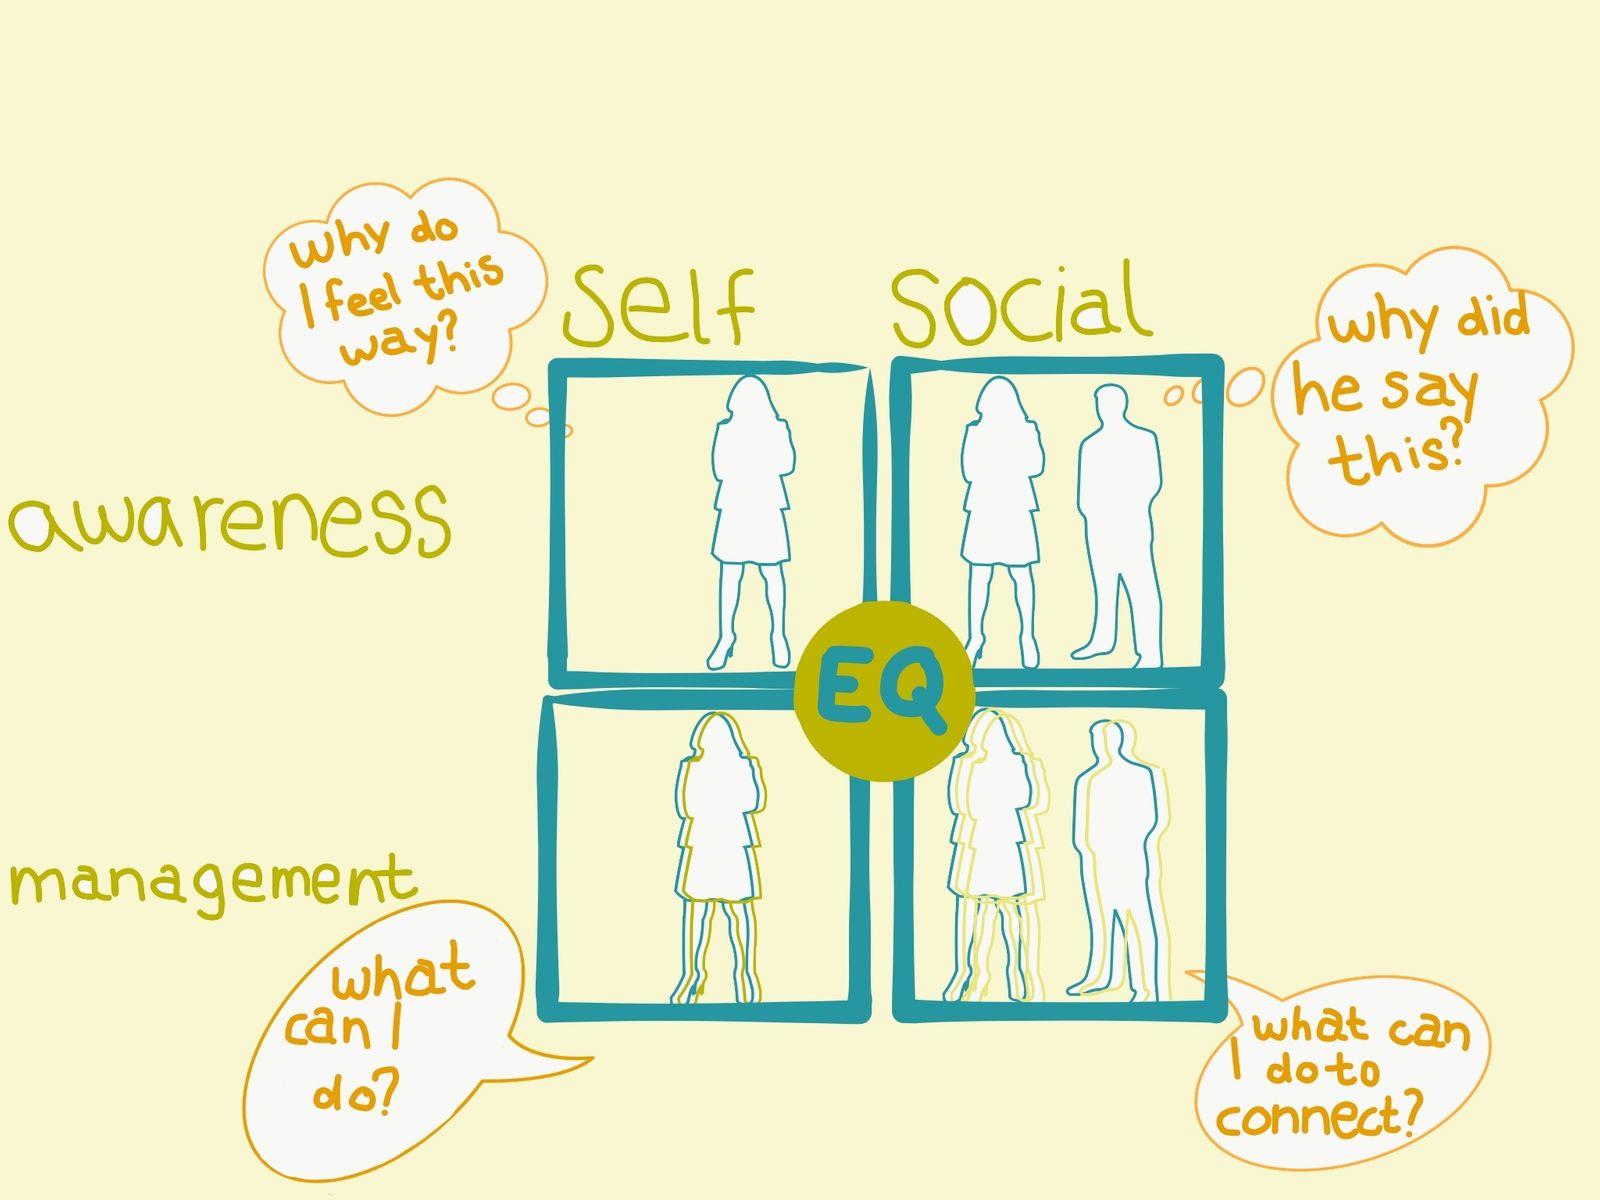 Self Social